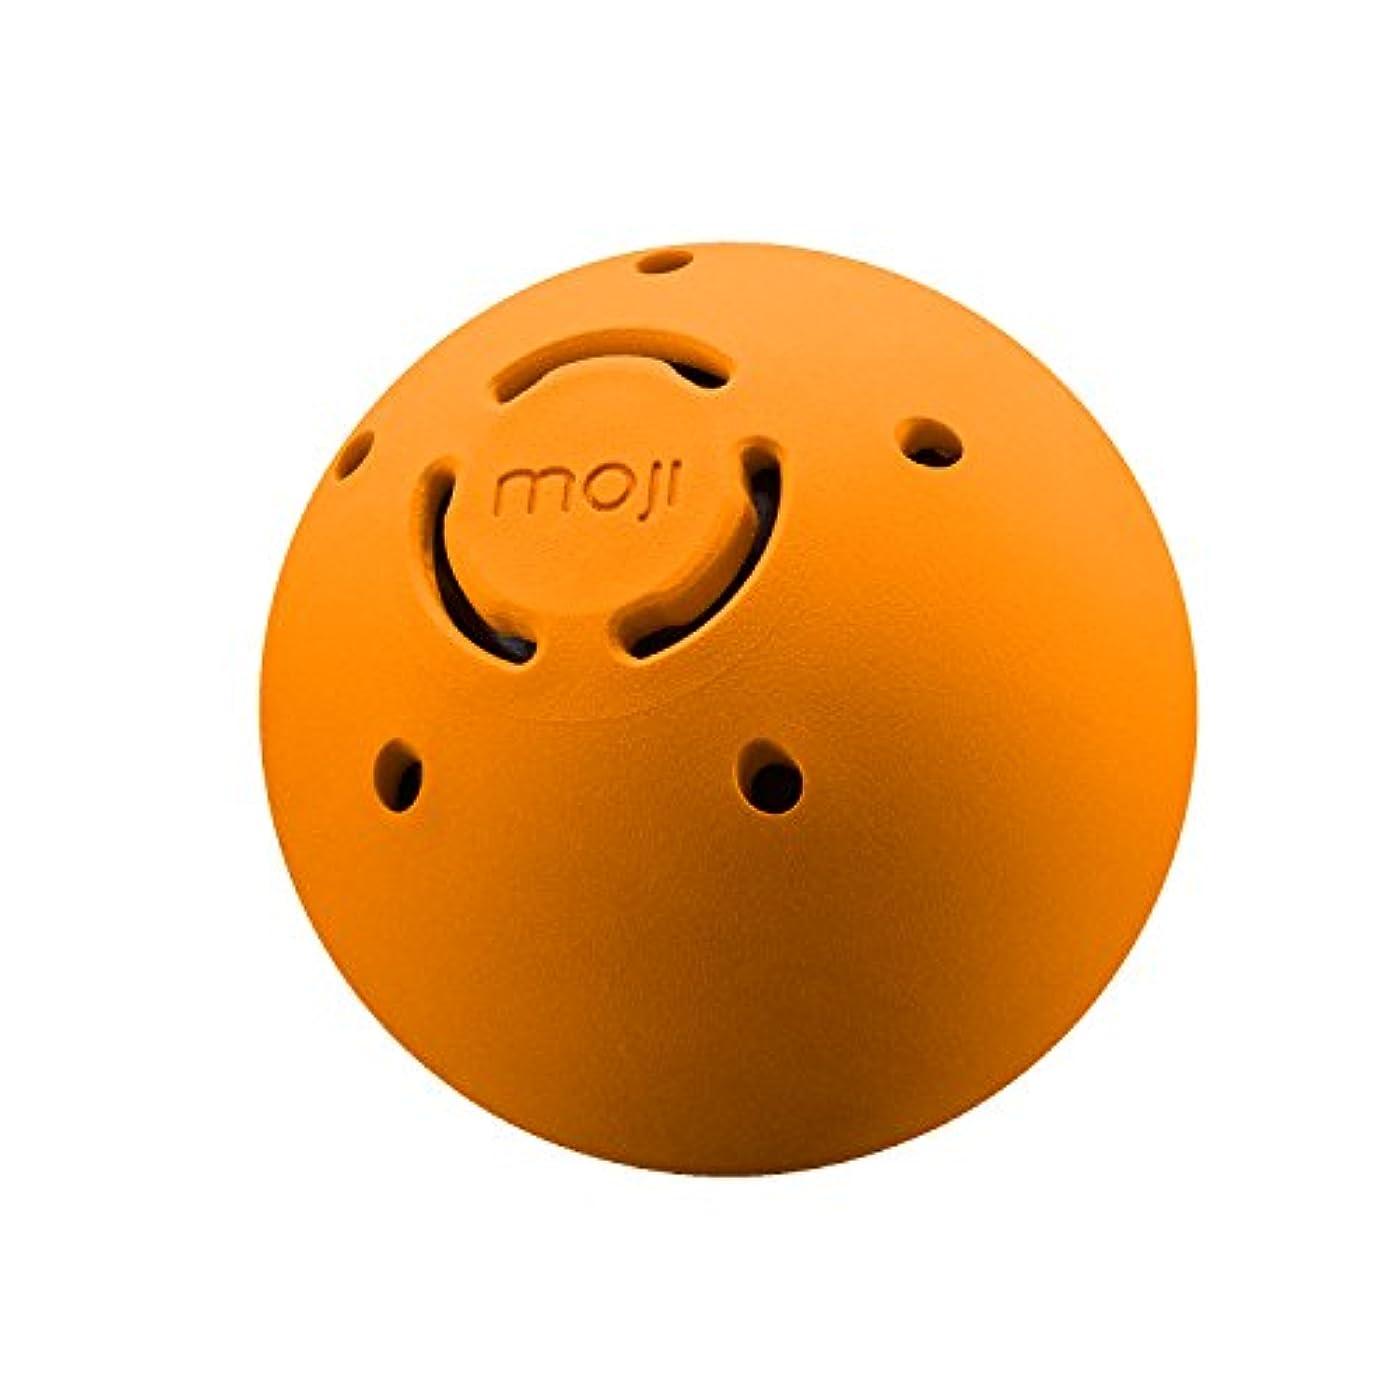 狂う電話する外交官温熱 マッサージボール 筋肉の痛み 筋肉をほぐす 血流促進 MojiHeat Massage Ball (Large)